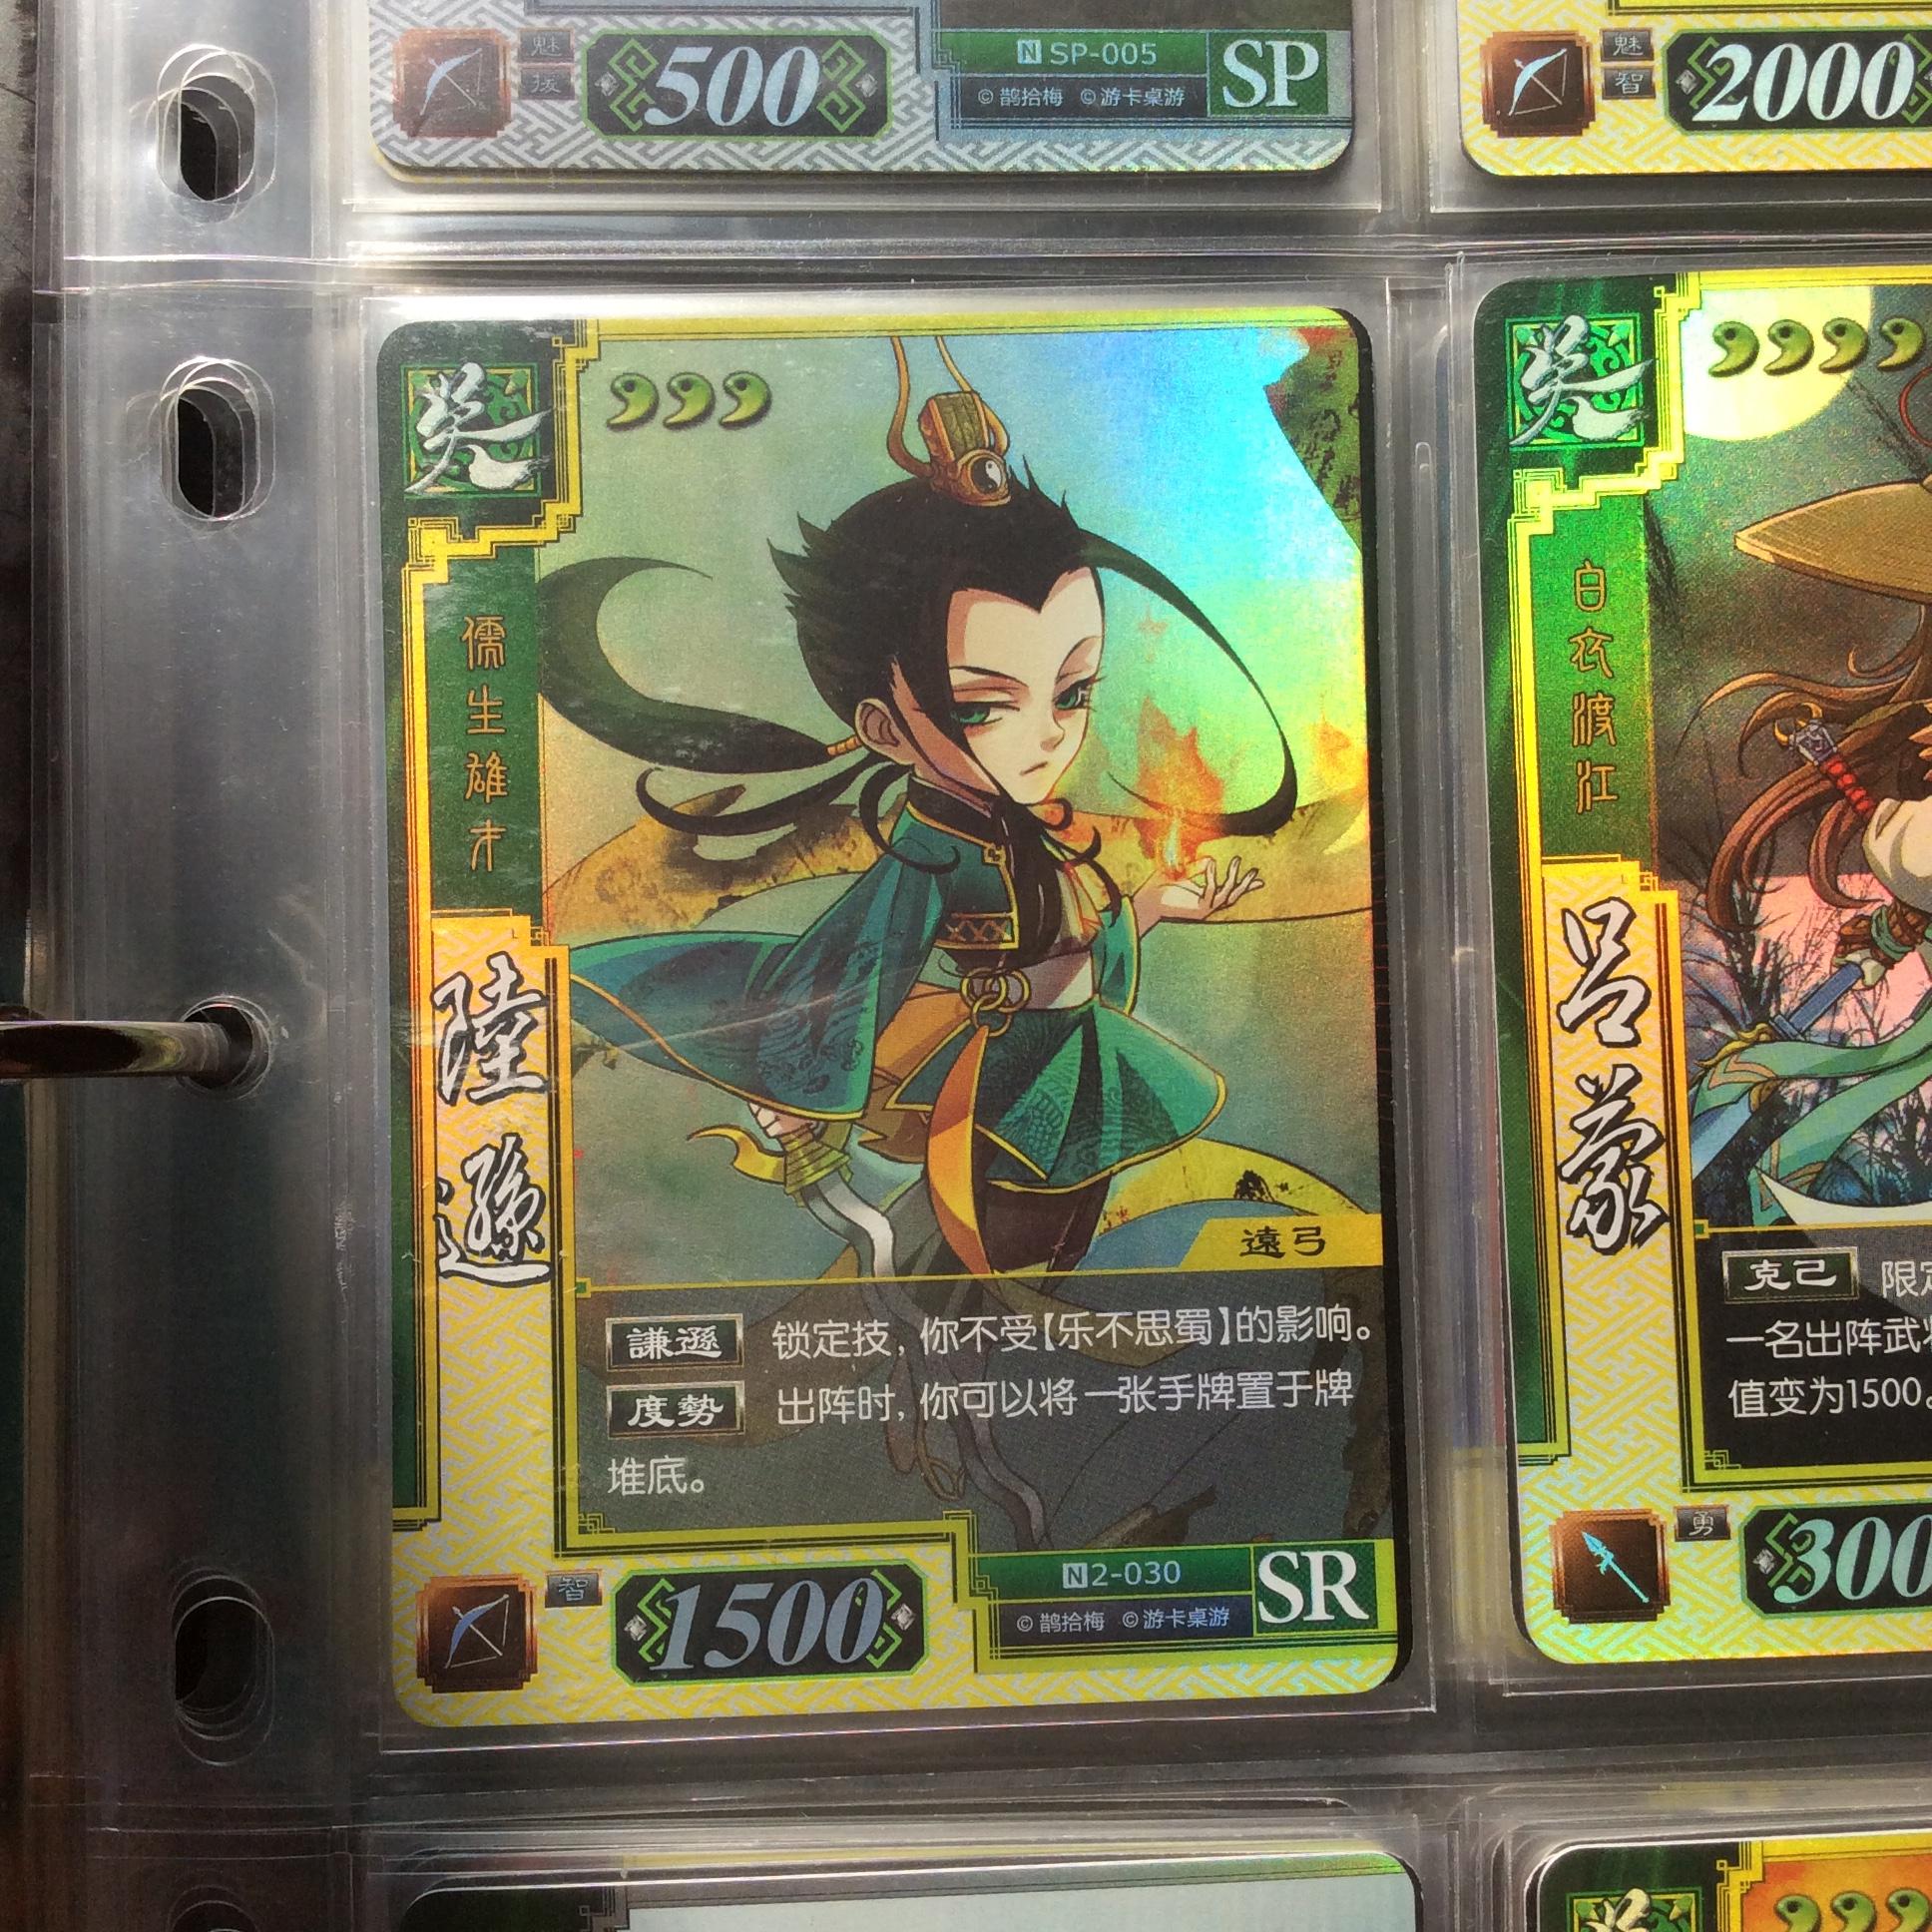 【带乐桌游】现货三国杀对战卡TCG 第二弹SR稀有闪卡陆逊正版单卡